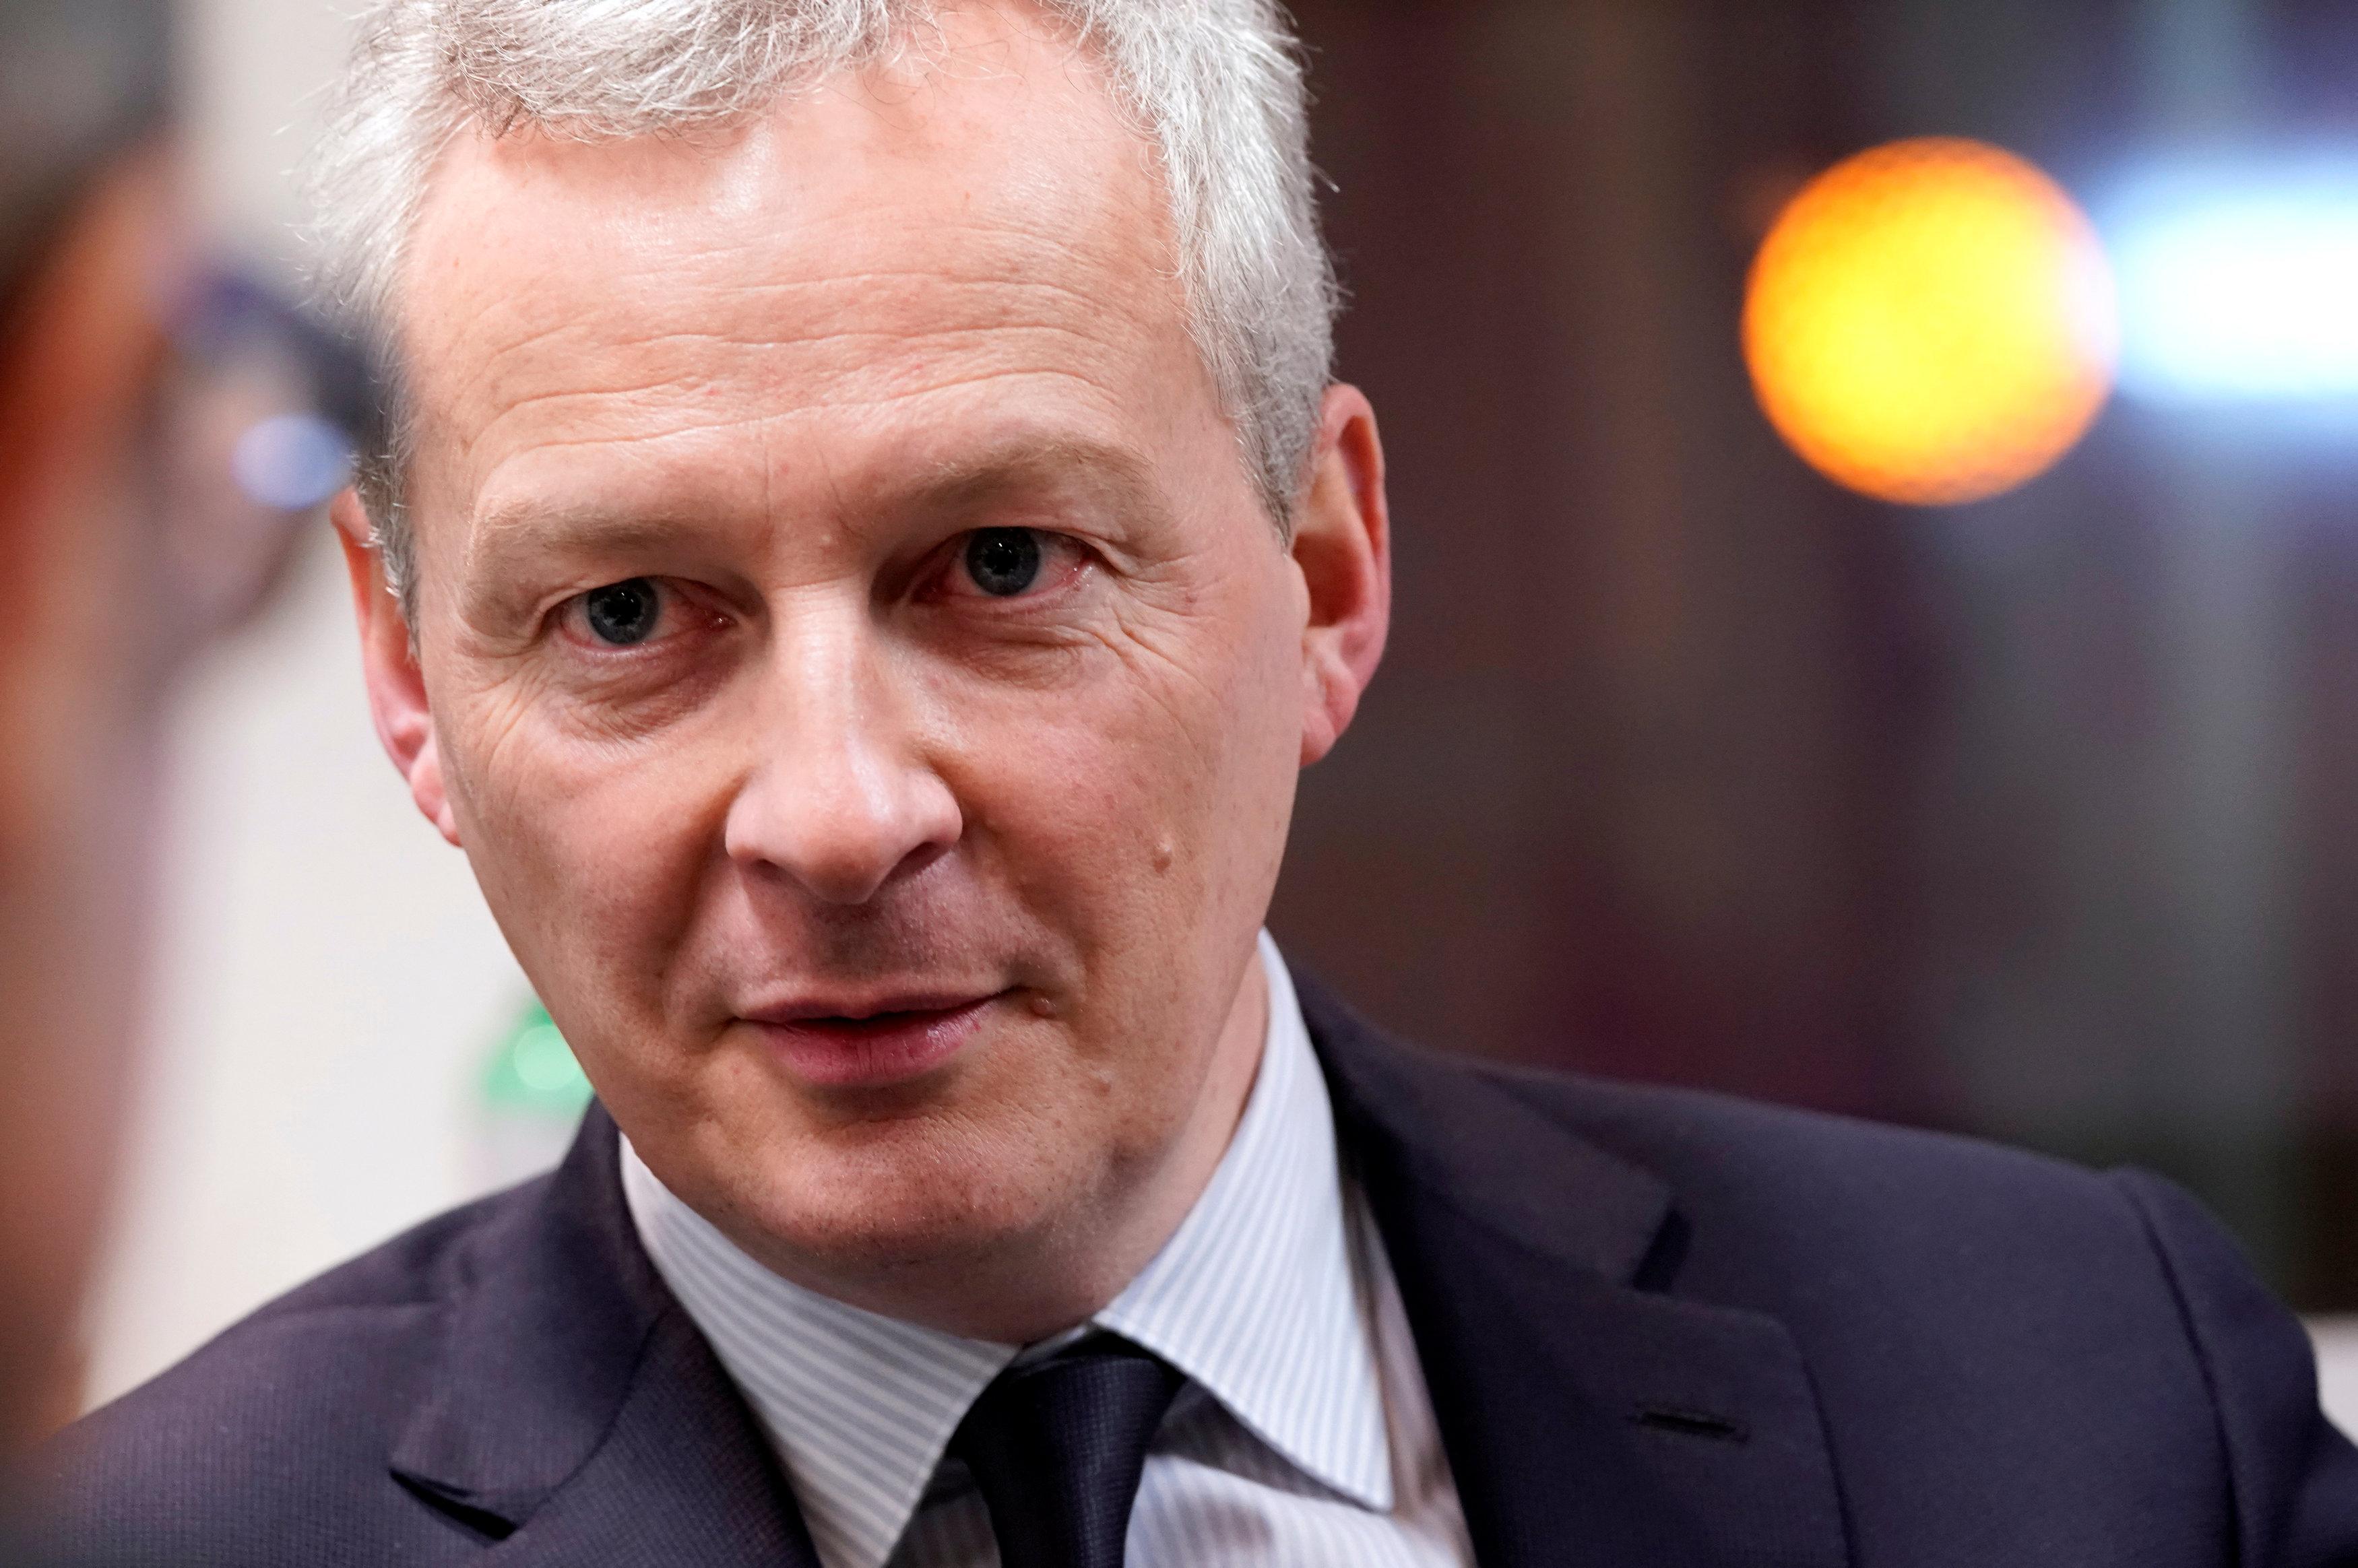 La coalición alemana allana el camino para la convergencia en la zona euro: Le Maire de Francia